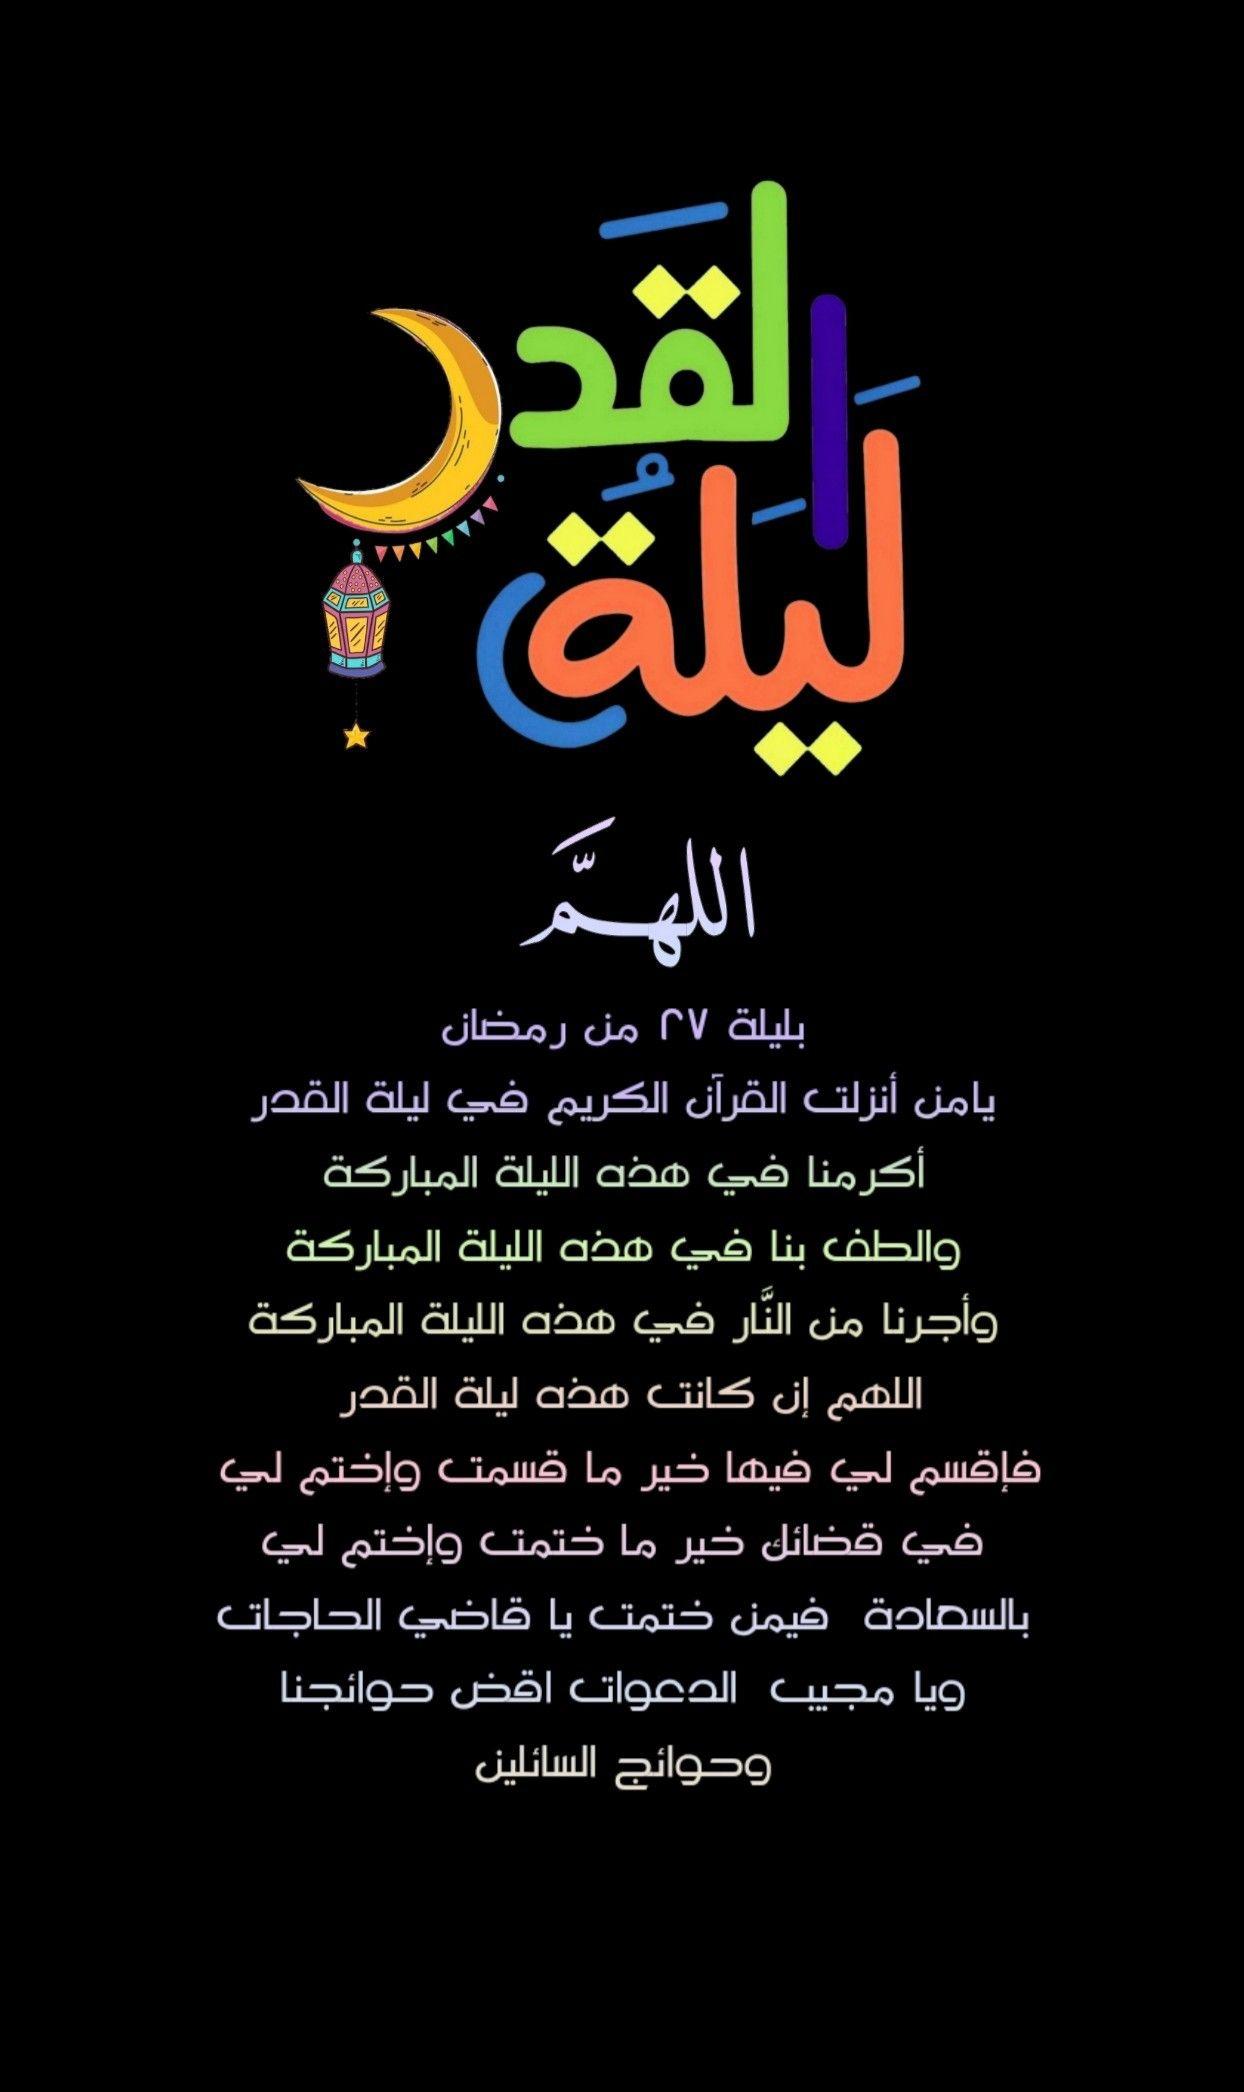 الله م بليلة ٢٧ من رمضان يامن أنزلت القرآن الكريم في ليلة القدر أكرمنا في هذه الليلة المباركة والطف بنا في هذه ال Ramadan Greetings Quotes Ramadan Kareem